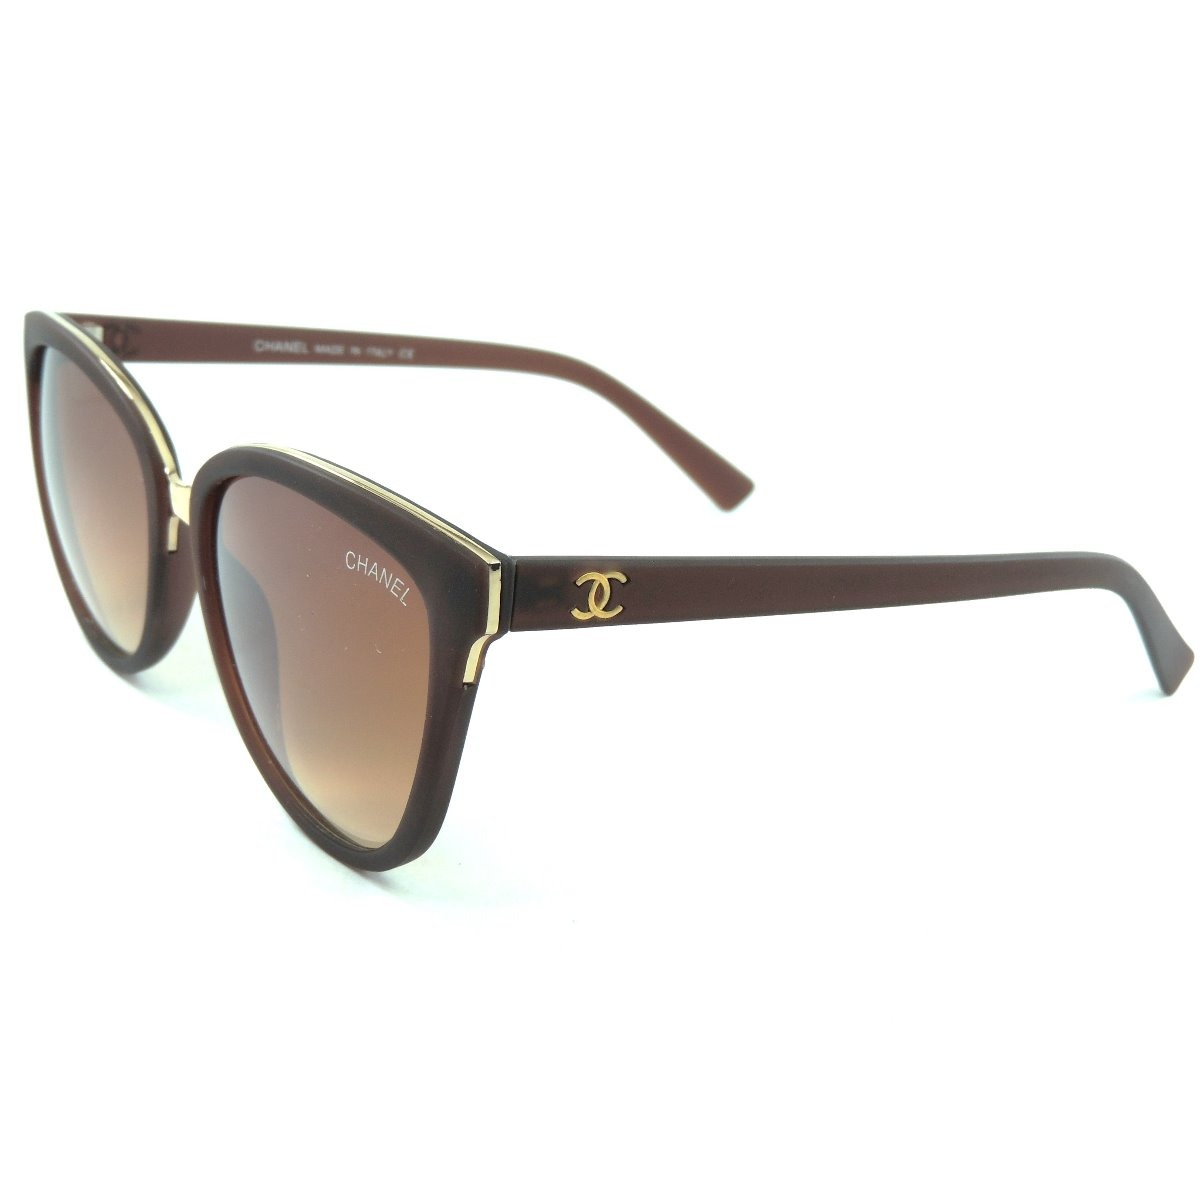 02e9d358d óculos chanel feminino marrom luxo proteção uv400 frete grát. Carregando  zoom.